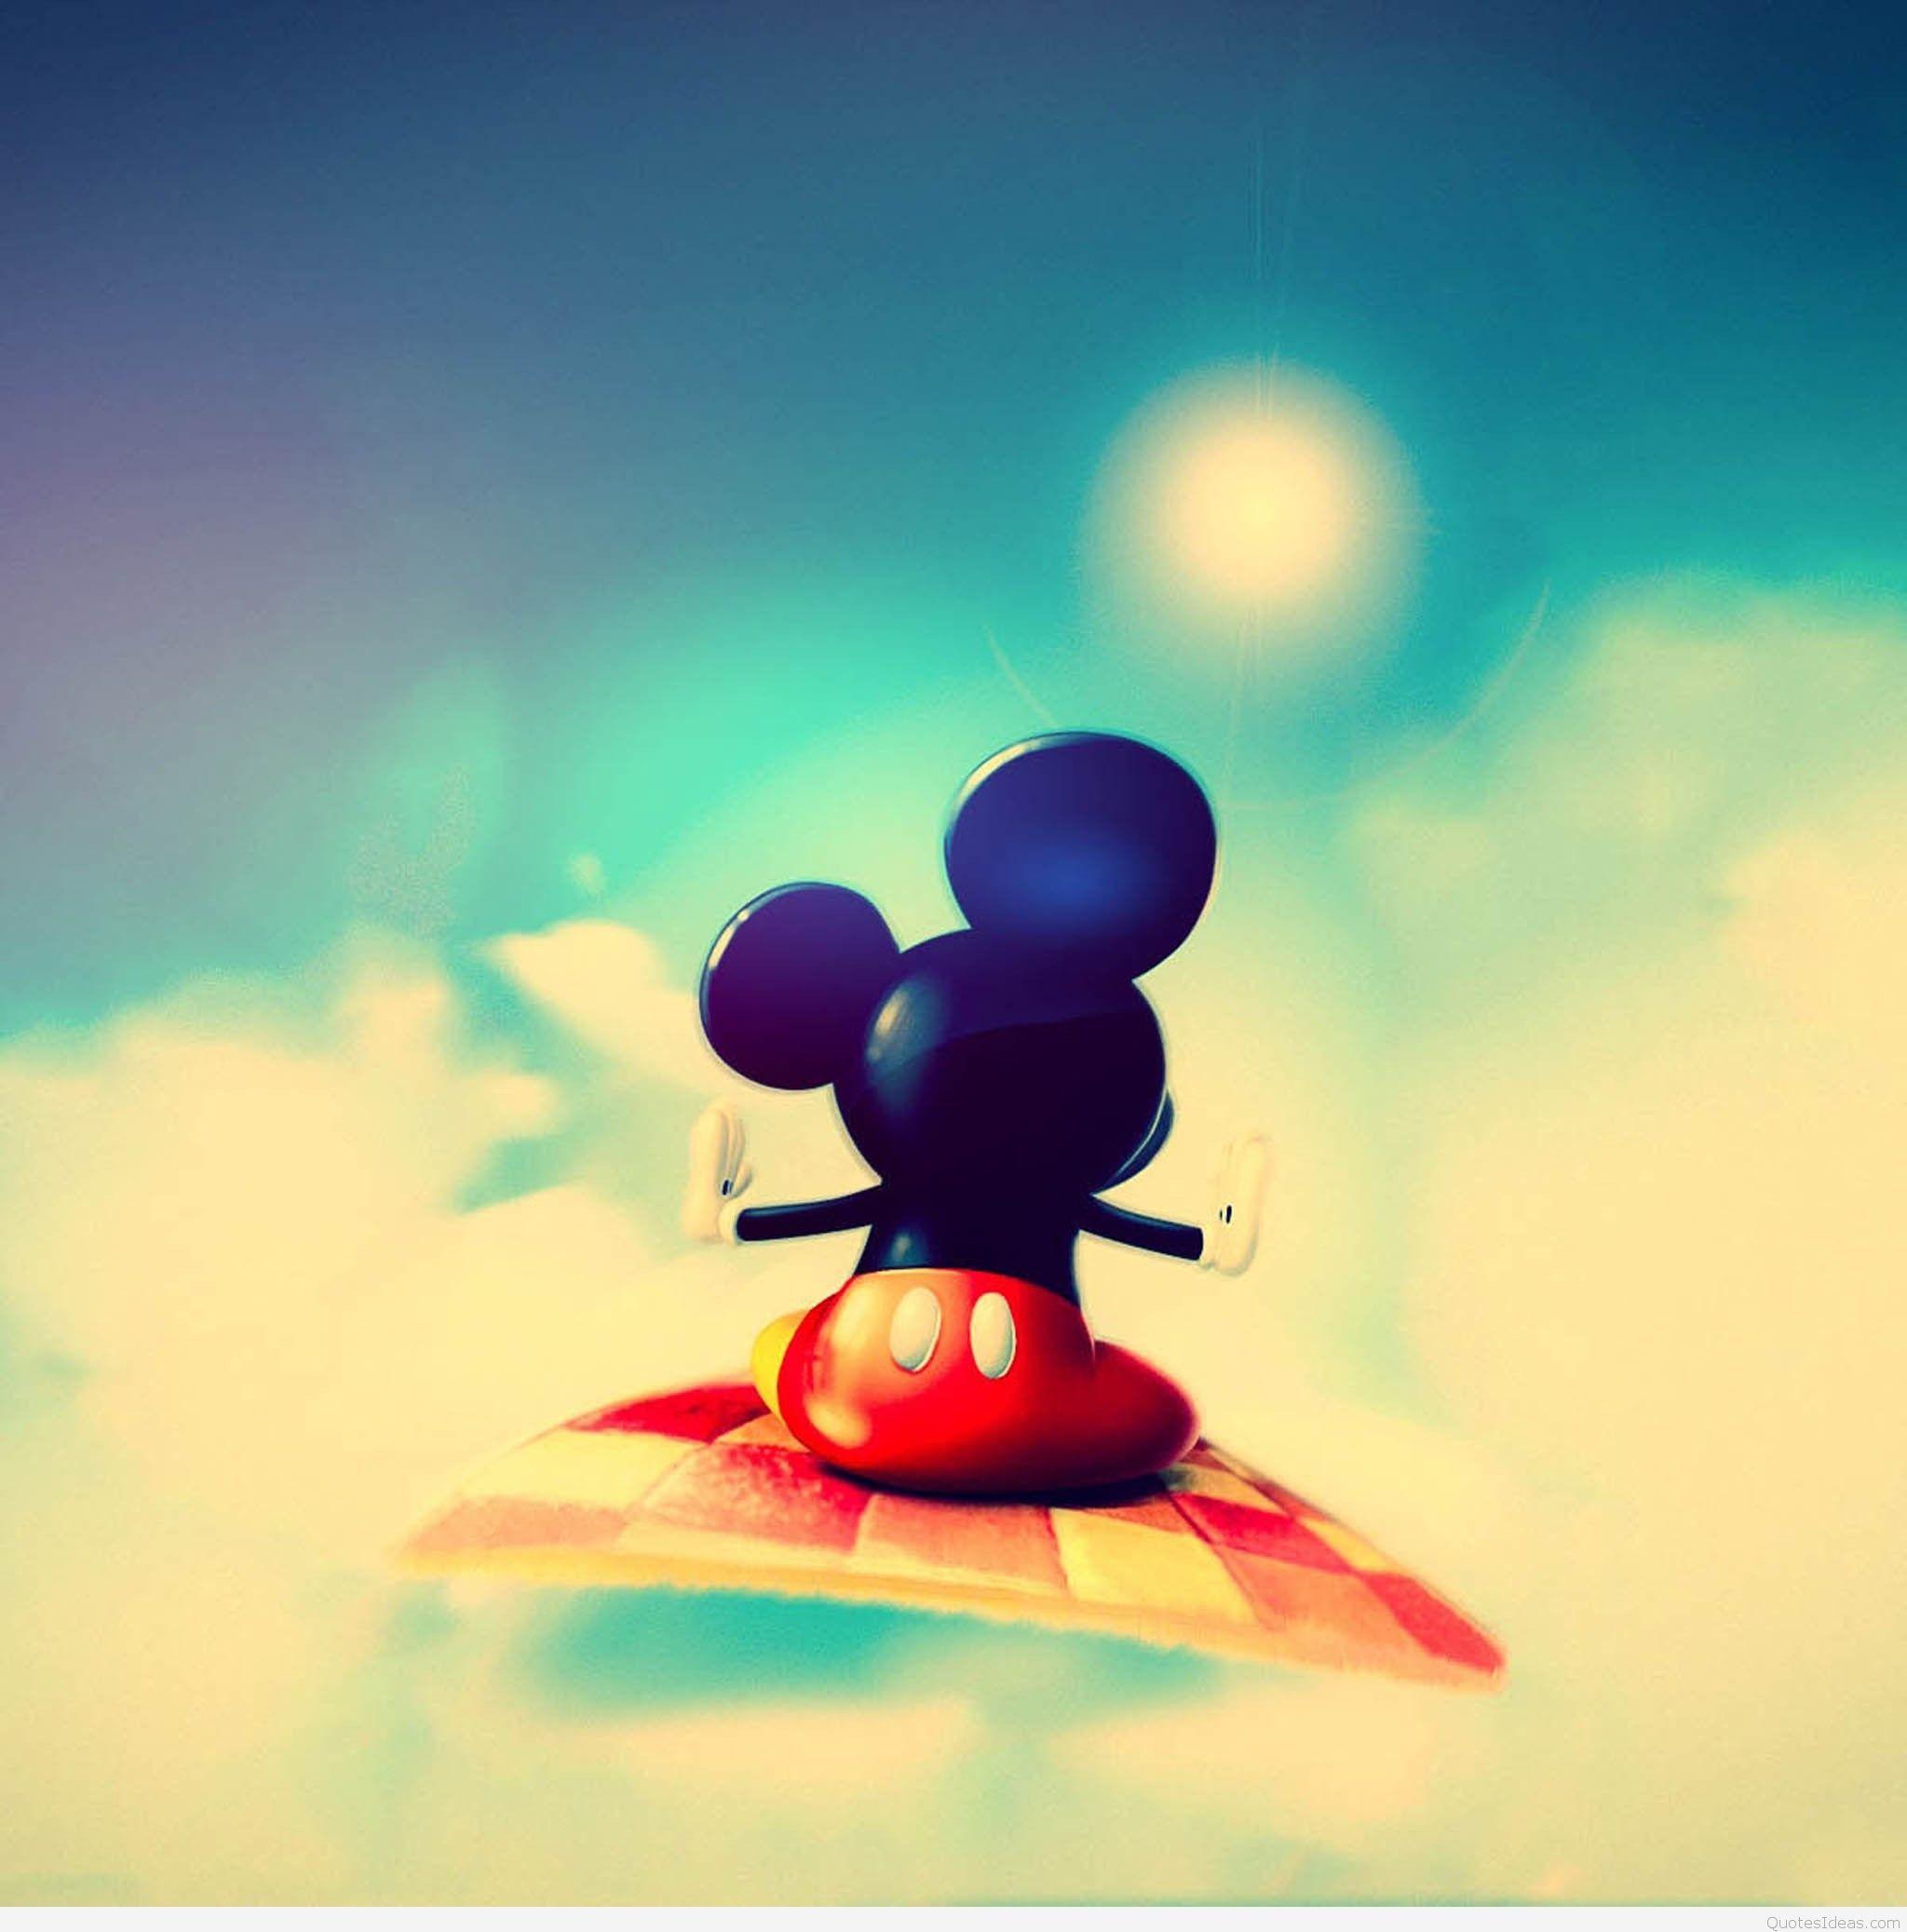 hd-wallpaper-otife-cute-mickey-mouse -2048x2048_49c87253547644f86b976d59e6fa3701_raw